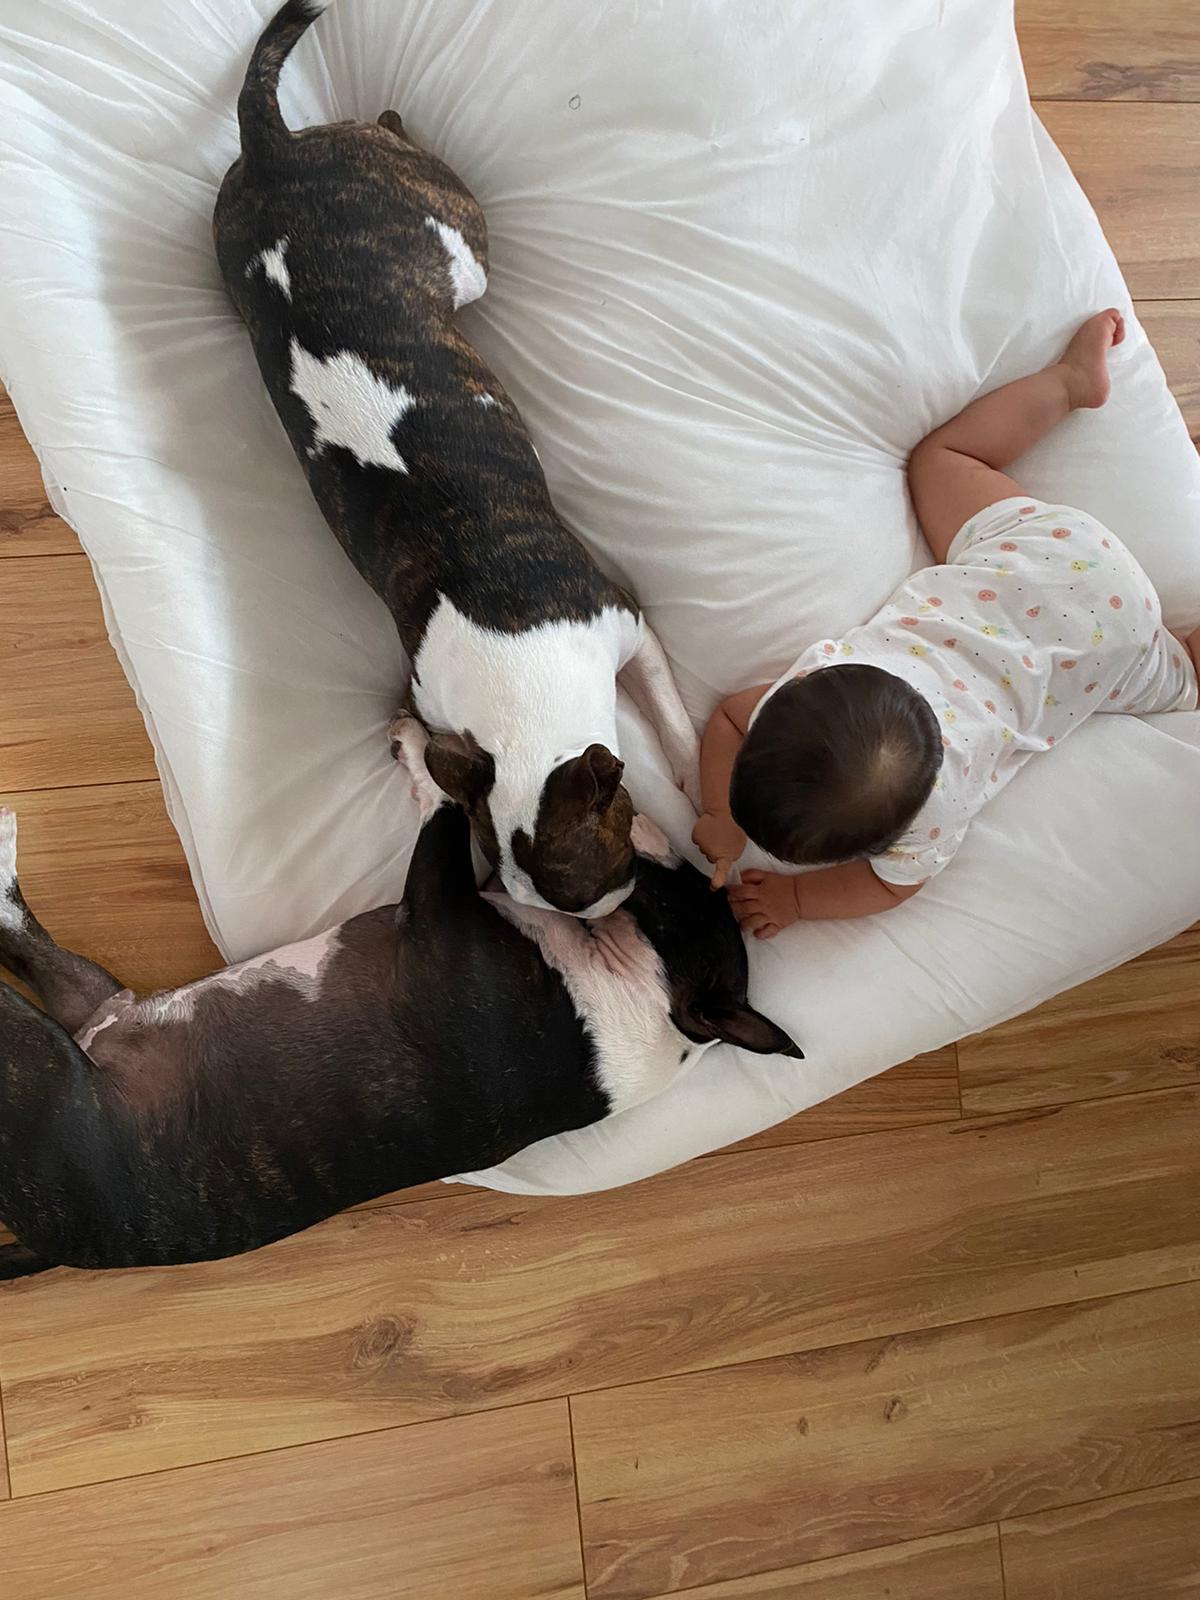 Adaptar bull terrier miniatura a la llegada de un nuevo perro